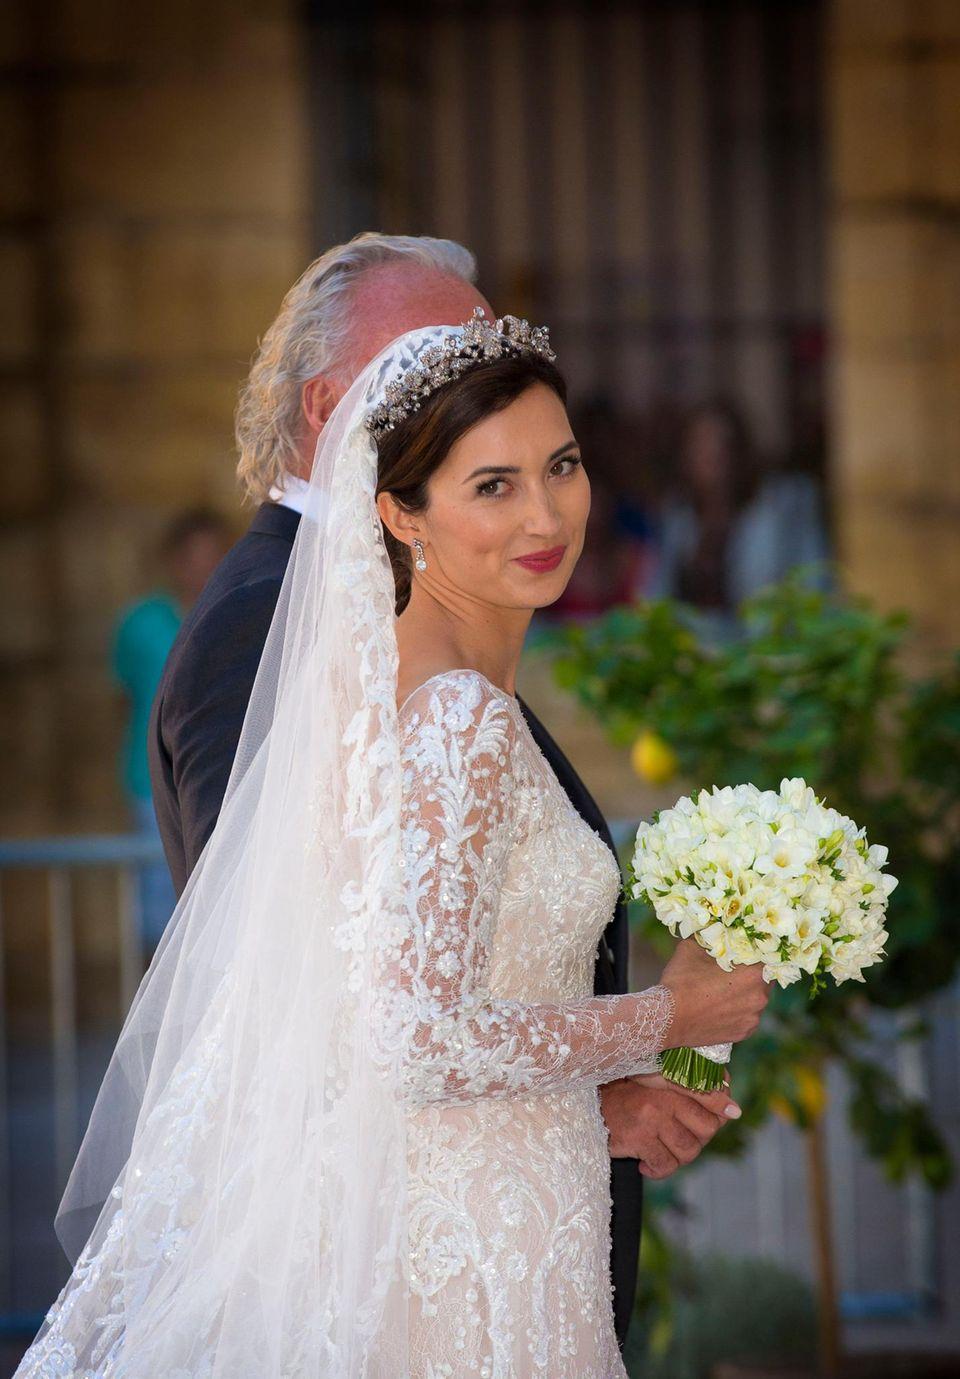 Prinzessin Claire trägt ein zartes Diadem im Haar, das den üppig verzierten Schleier hält. Ihr Hochzeitkleid ist eine Kreation von Elie Saab aus cremefarbener Seide, das mit Silber, Kristallen, Pailetten und Perlen verziert ist.